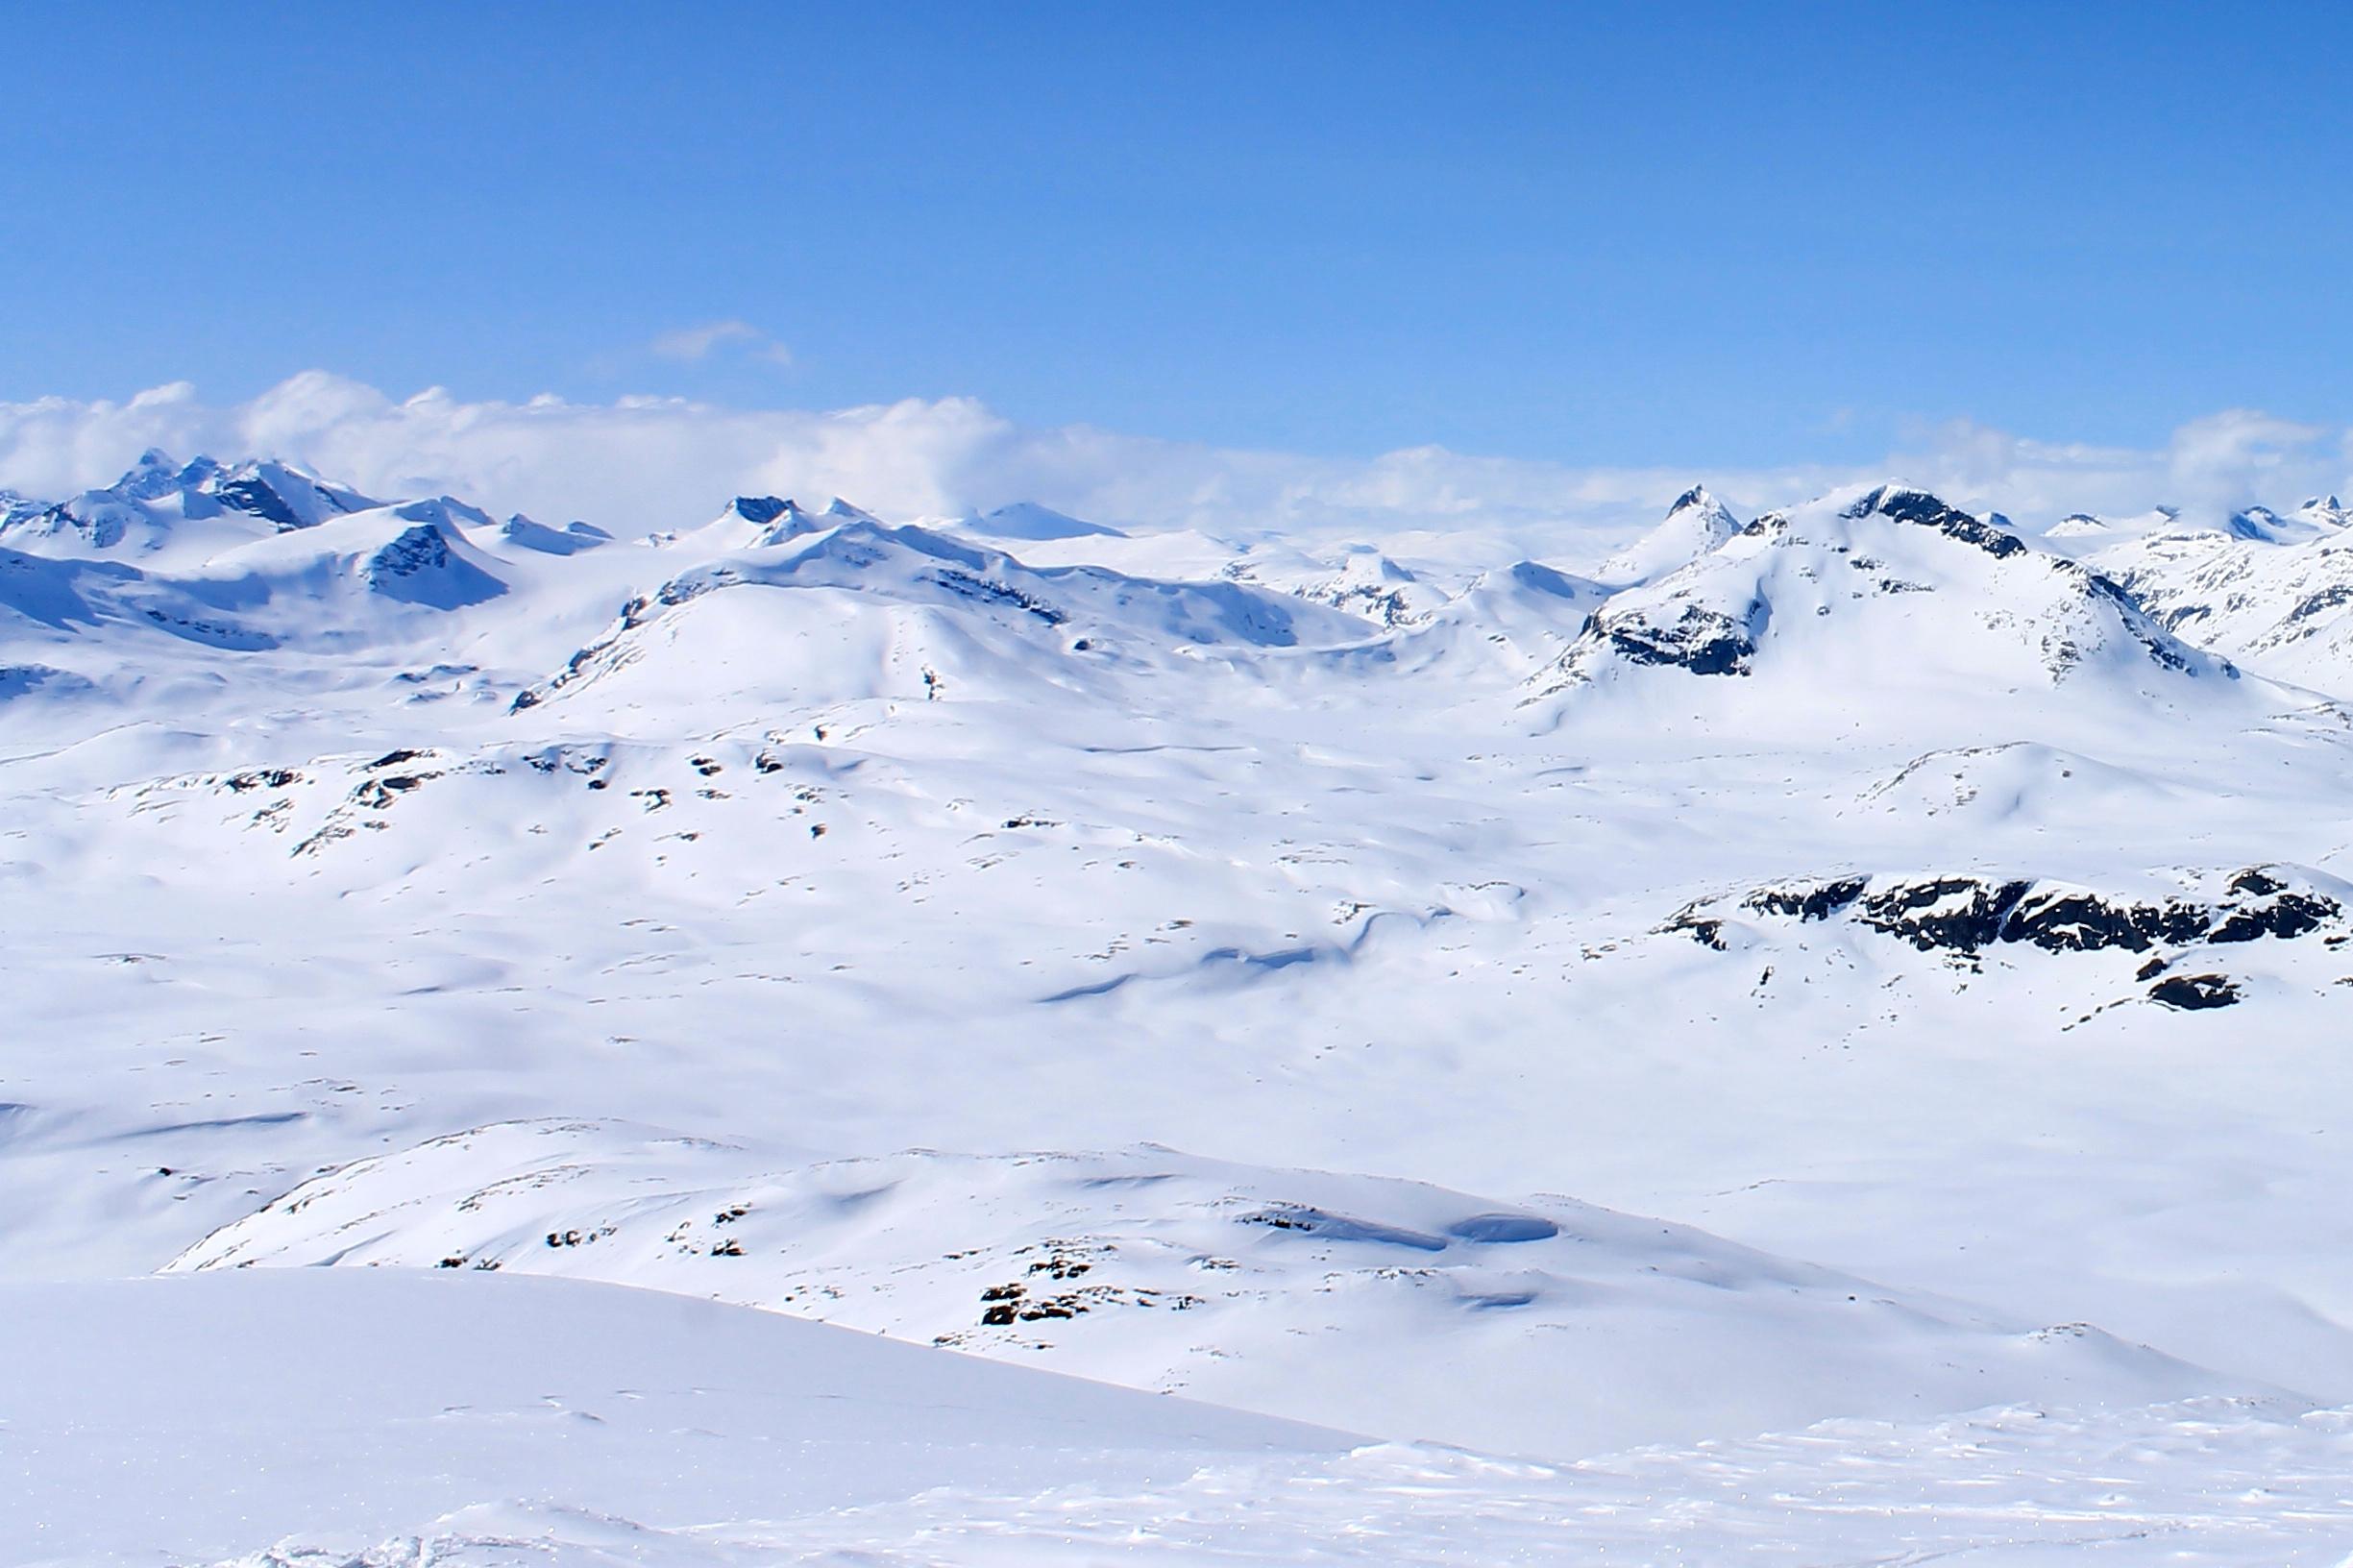 Vinterløypen fra Eidsbugarden til Olavsbu går gjennom dette flotte landskapet og inn bak Snøholstinden og Mjølkedalstinden til høyre.